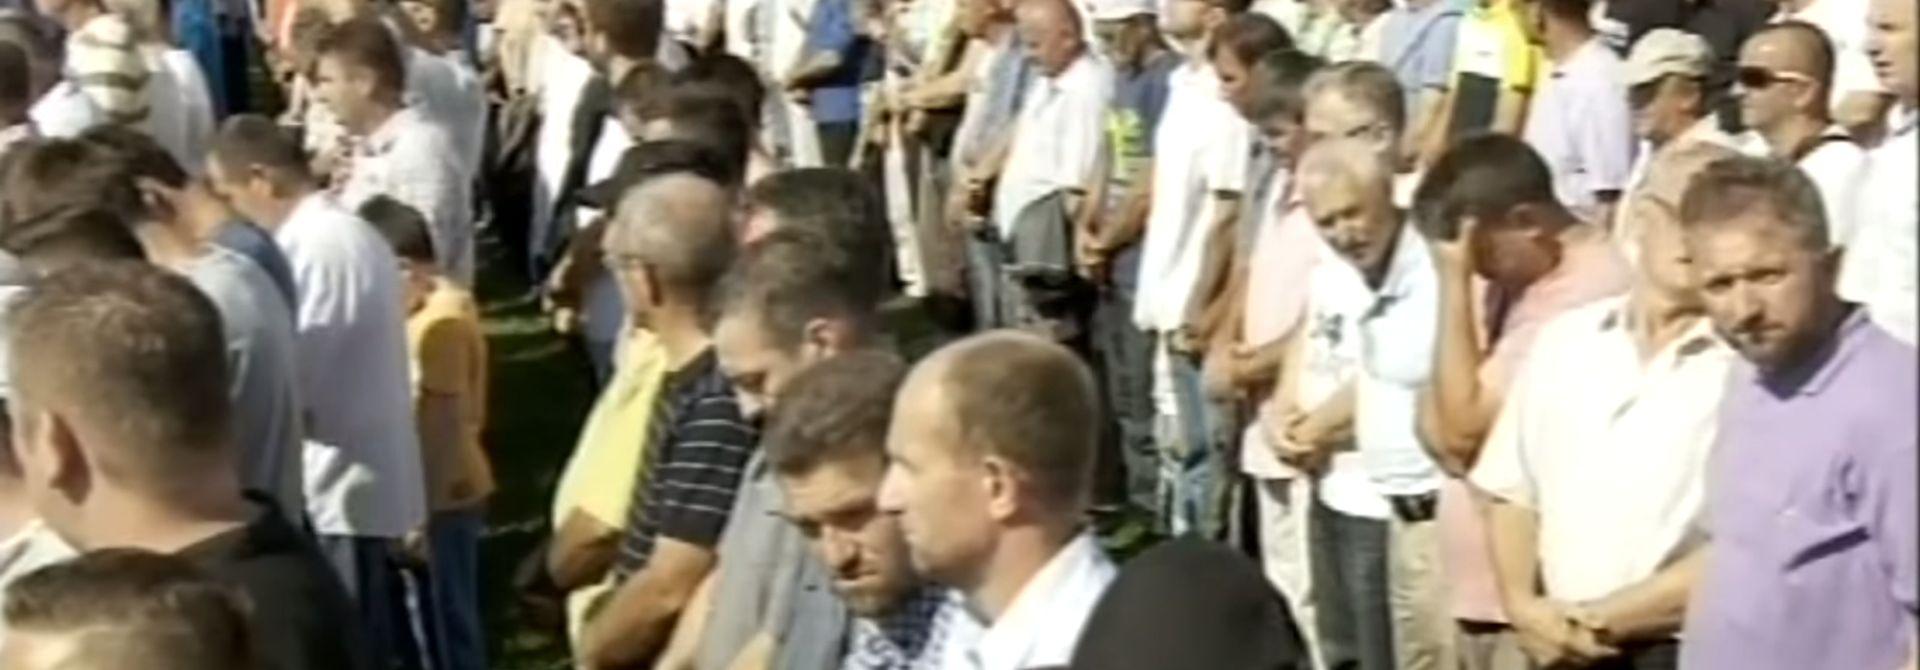 U SPOMEN UBIJENIM CIVILIMA: Obilježena 23. obljetnica stradanja u Briševu kod Prijedora